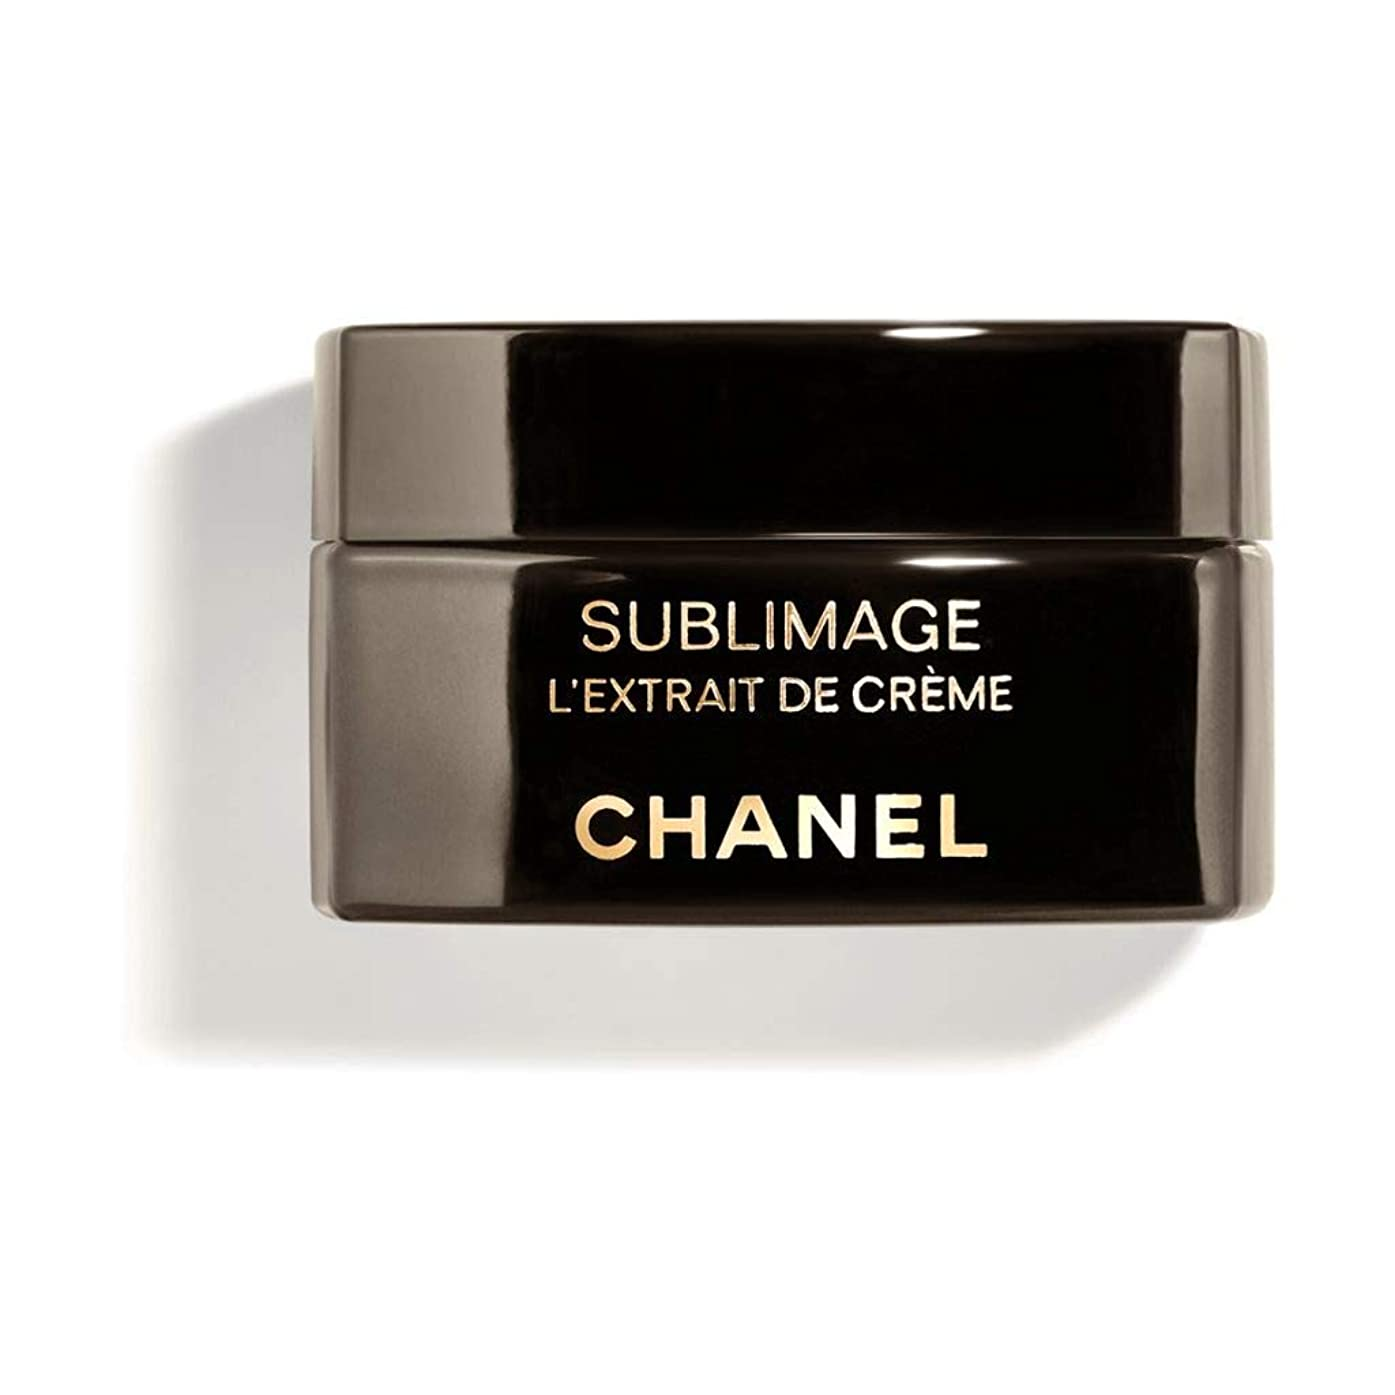 捧げる塊菊CHANEL(シャネル) SUBLIMAGE L EXTRAIT DE CREME サブリマージュ レクストレ ドゥ クレーム 50g